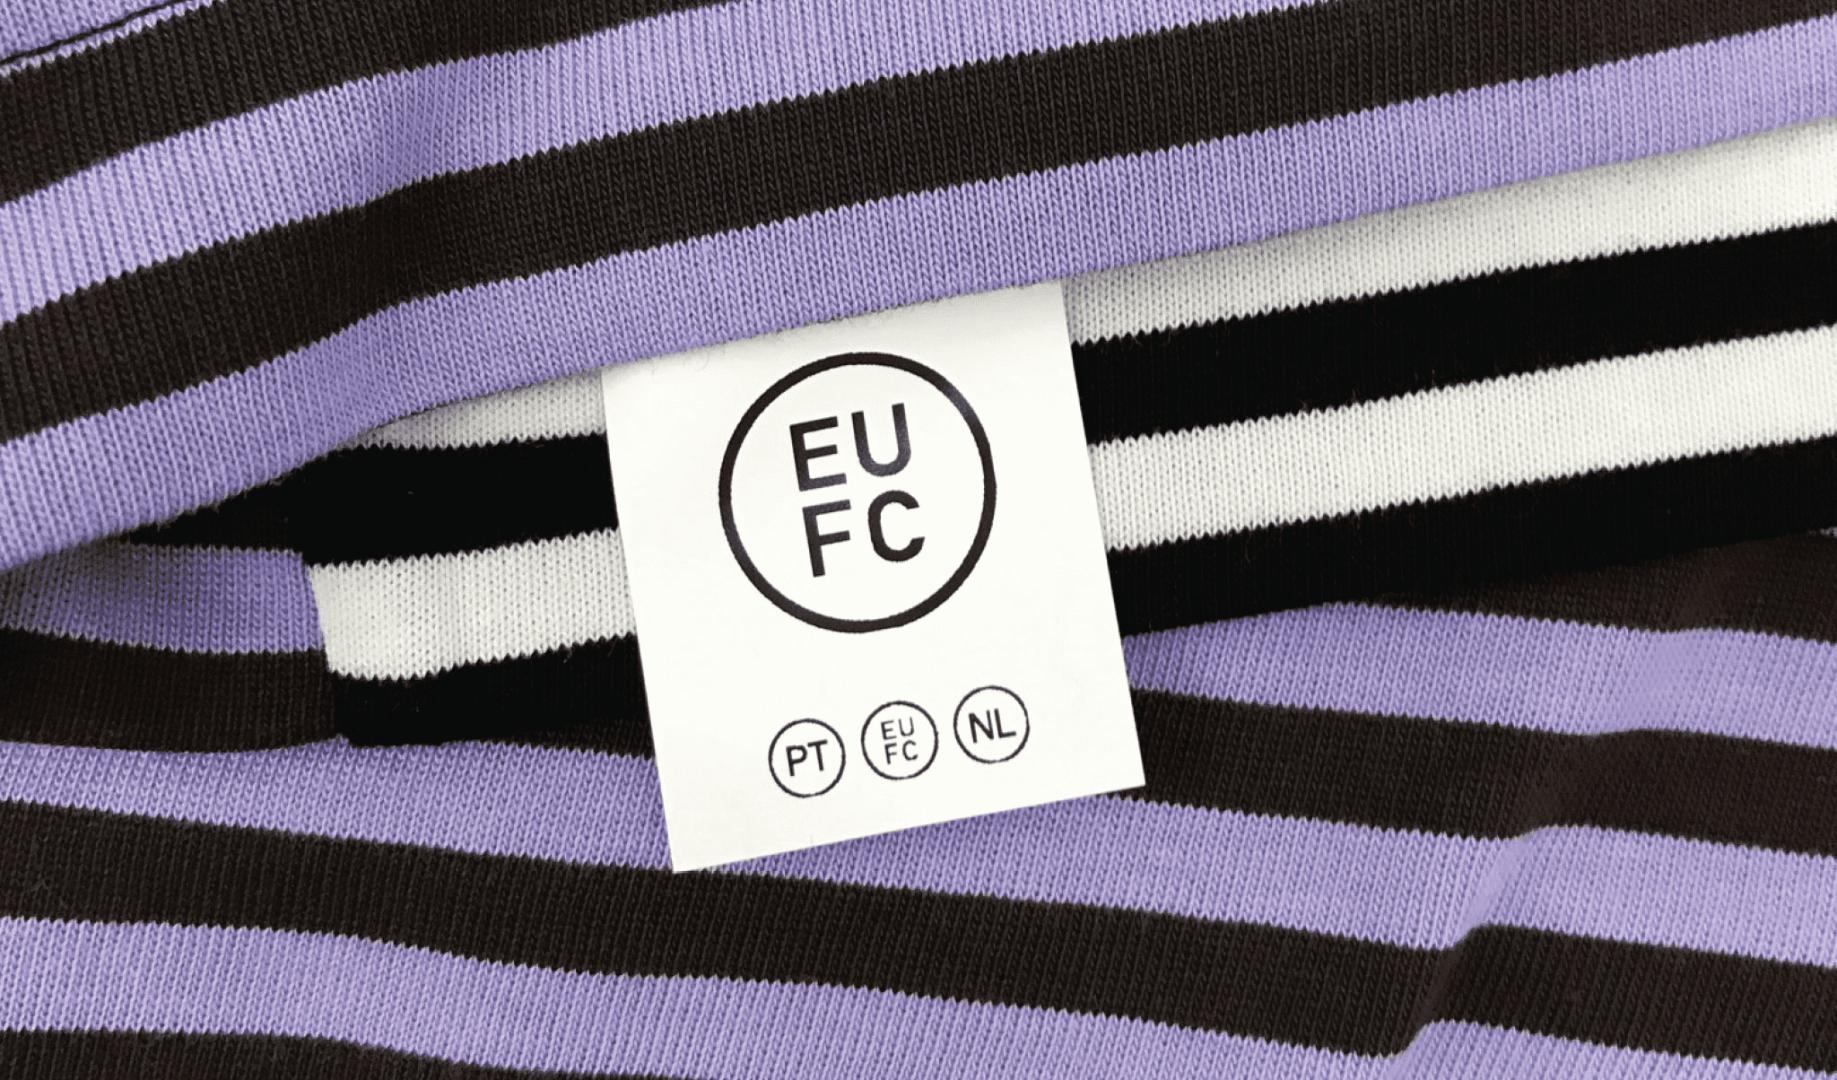 EU FC